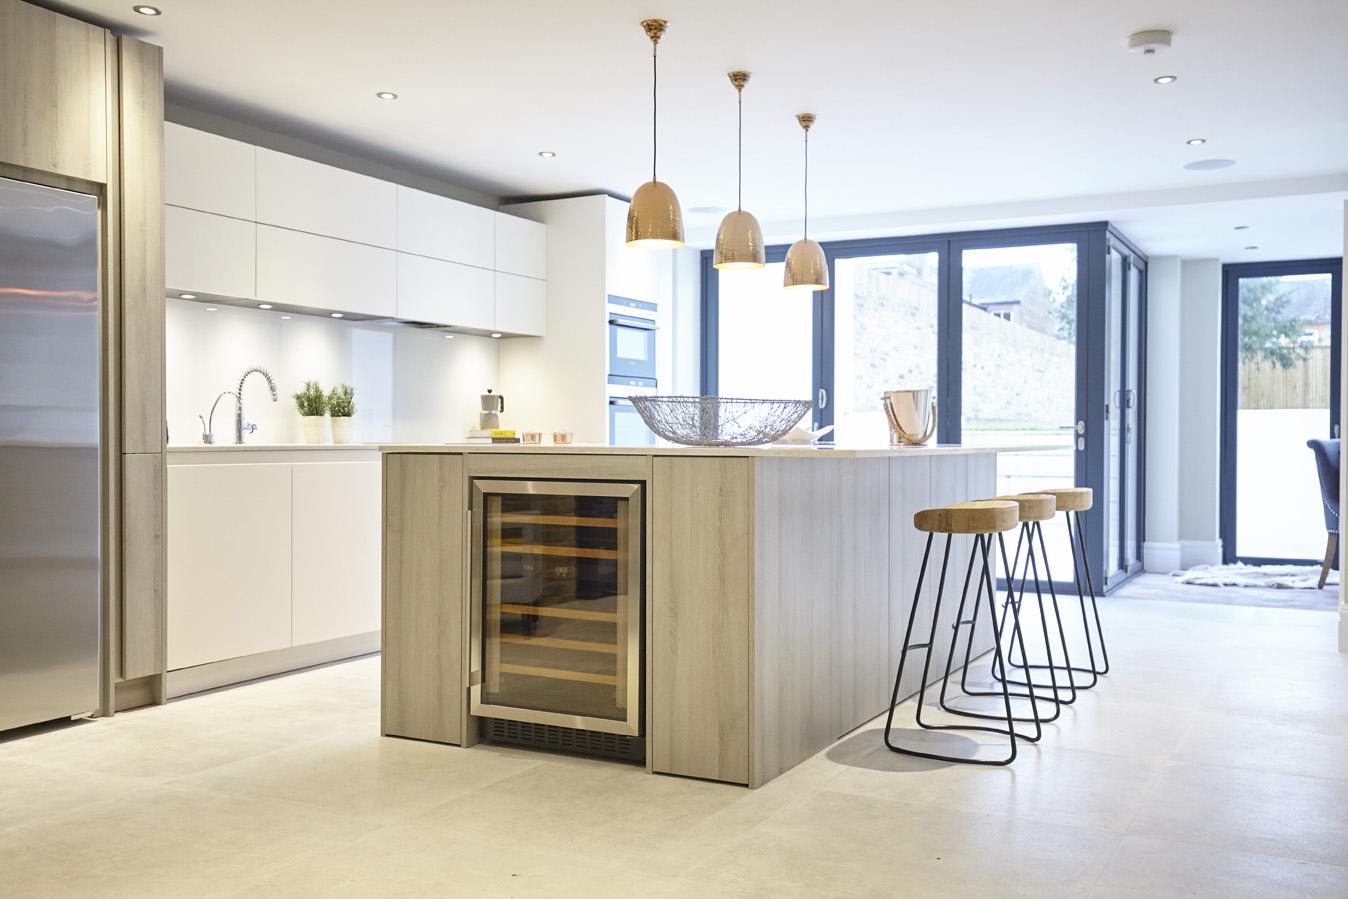 teddington kitchen